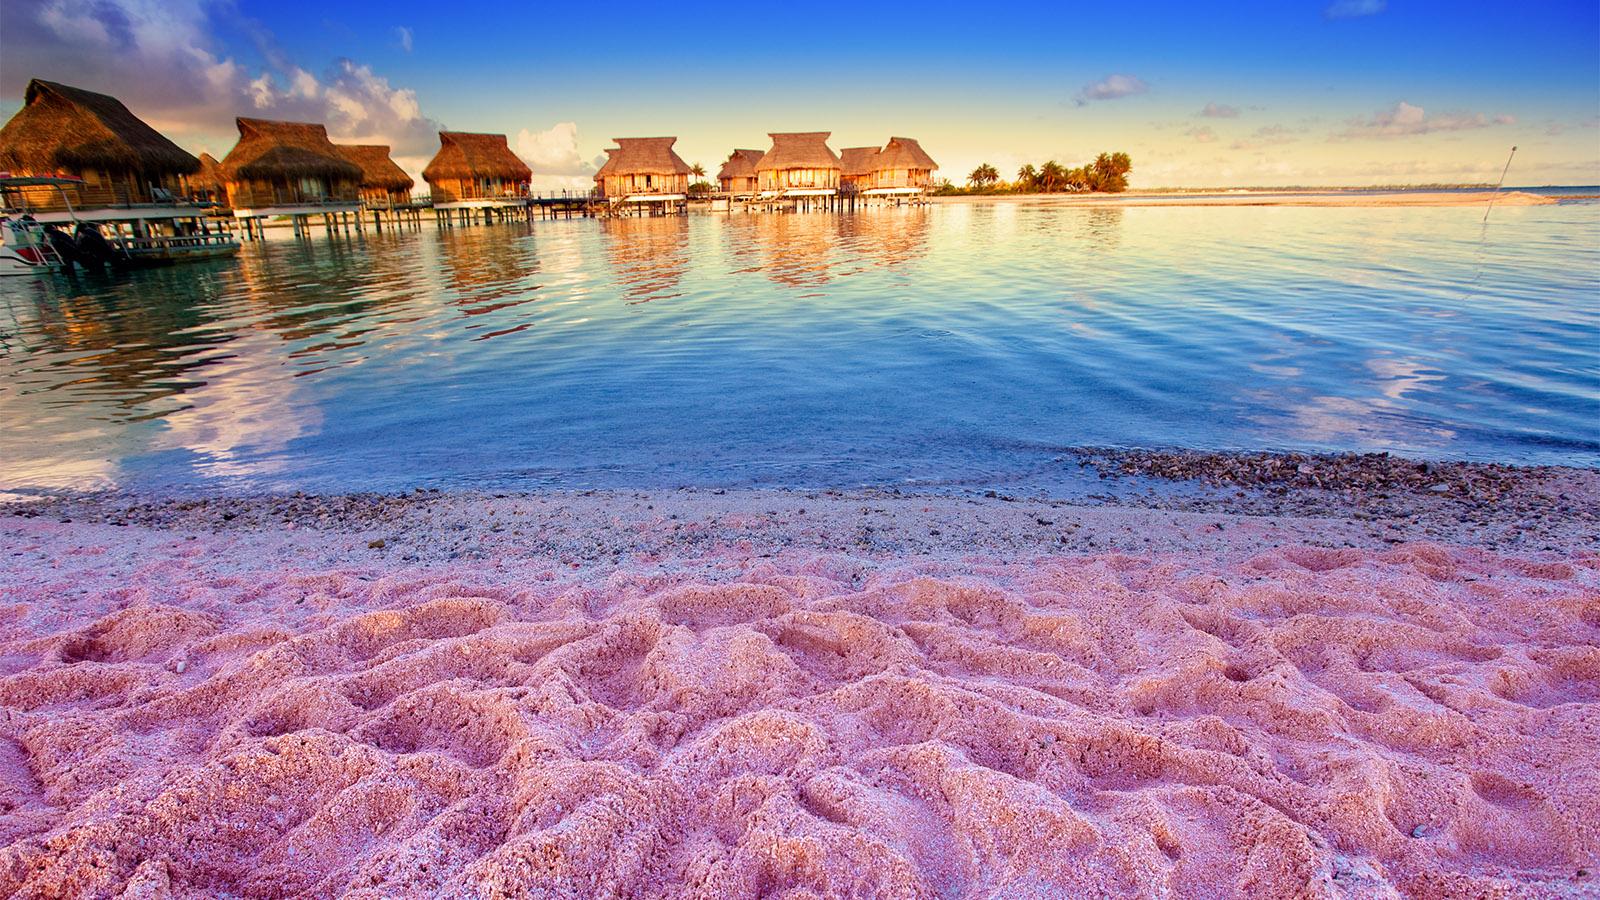 Мэрию раскритиковали после попытки покрасить пляжи флуоресцентной краской, Туристам Коломны, Испания Греция где отдохнуть